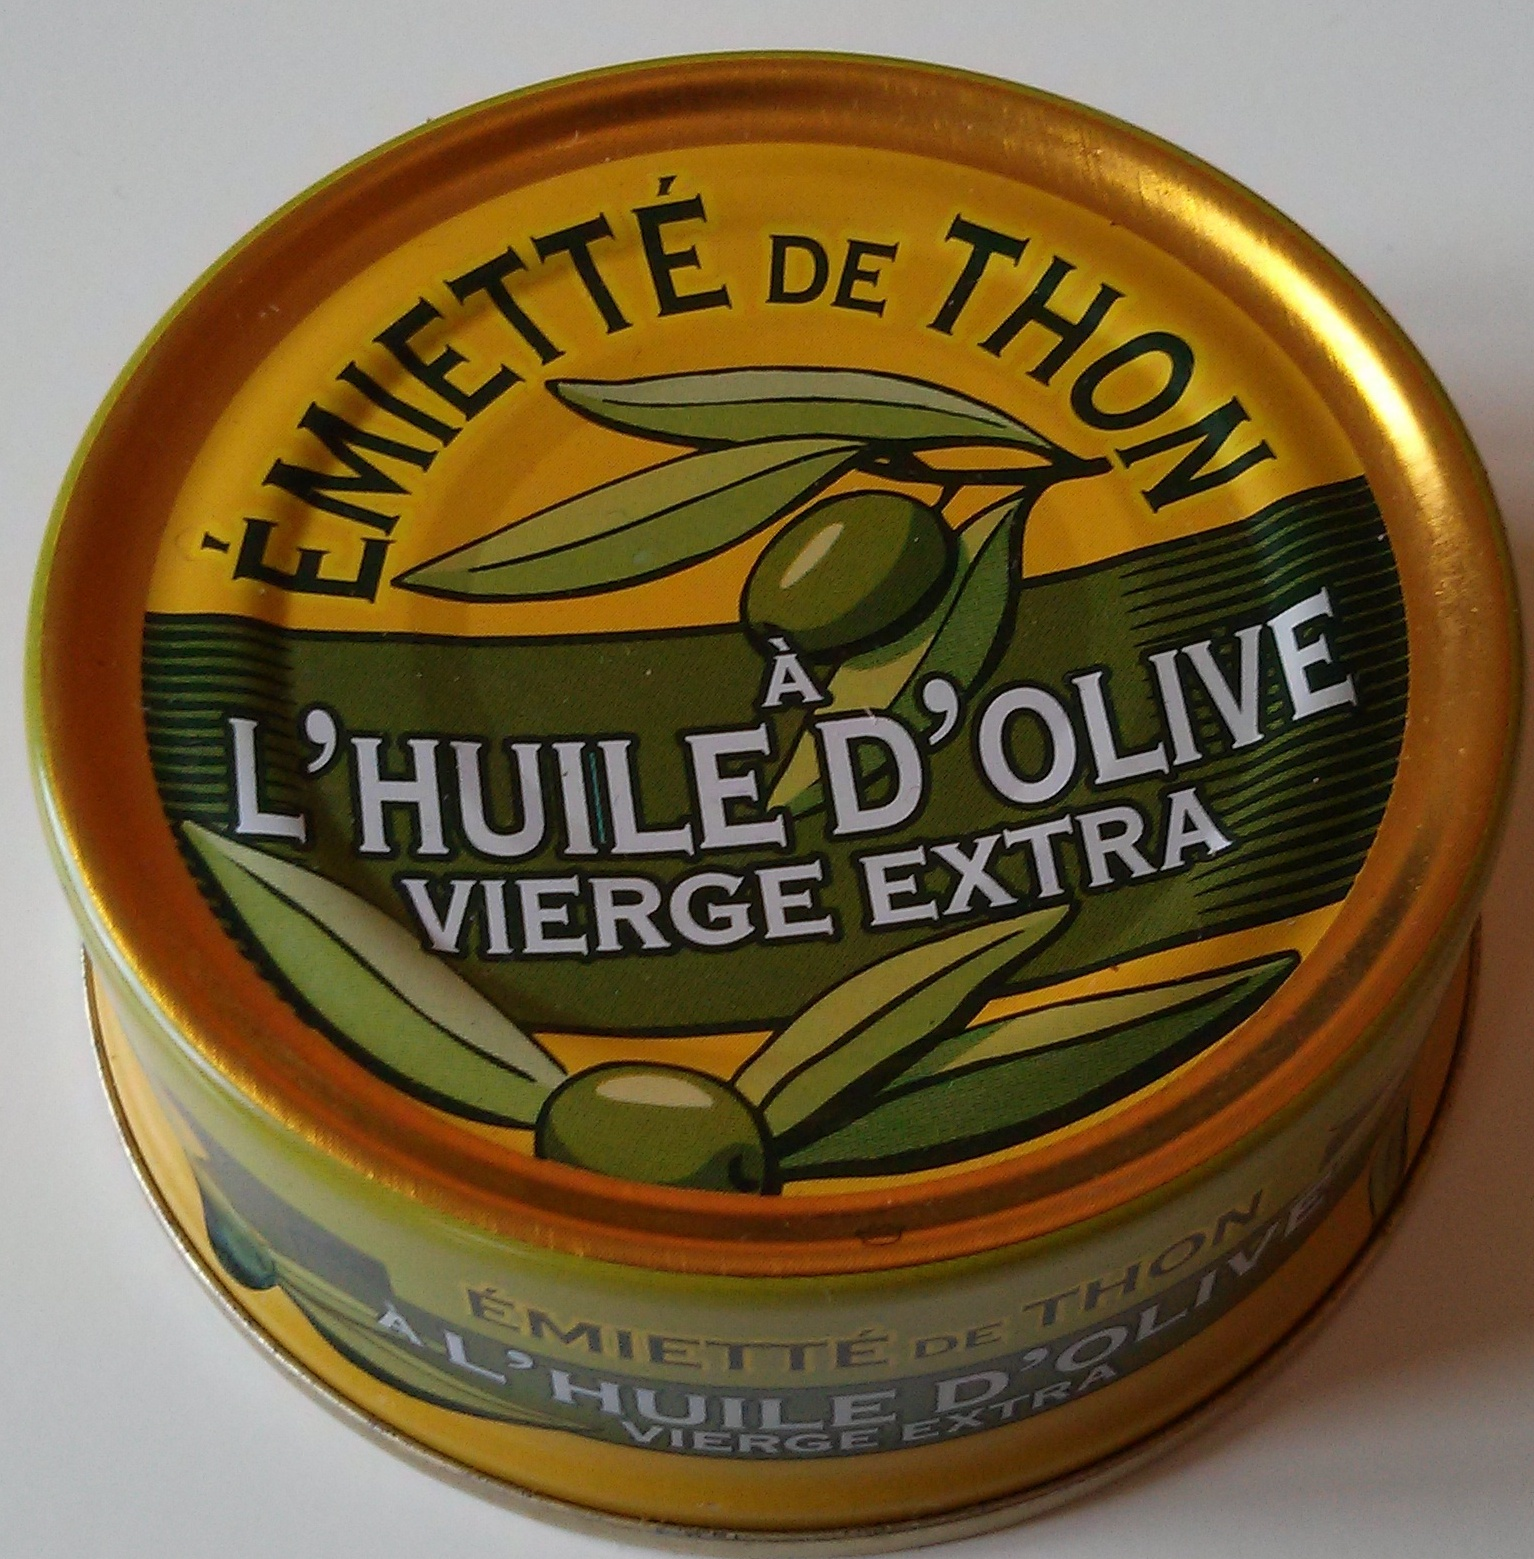 Emietté de thon a l'huile d'olive vierge extra - Product